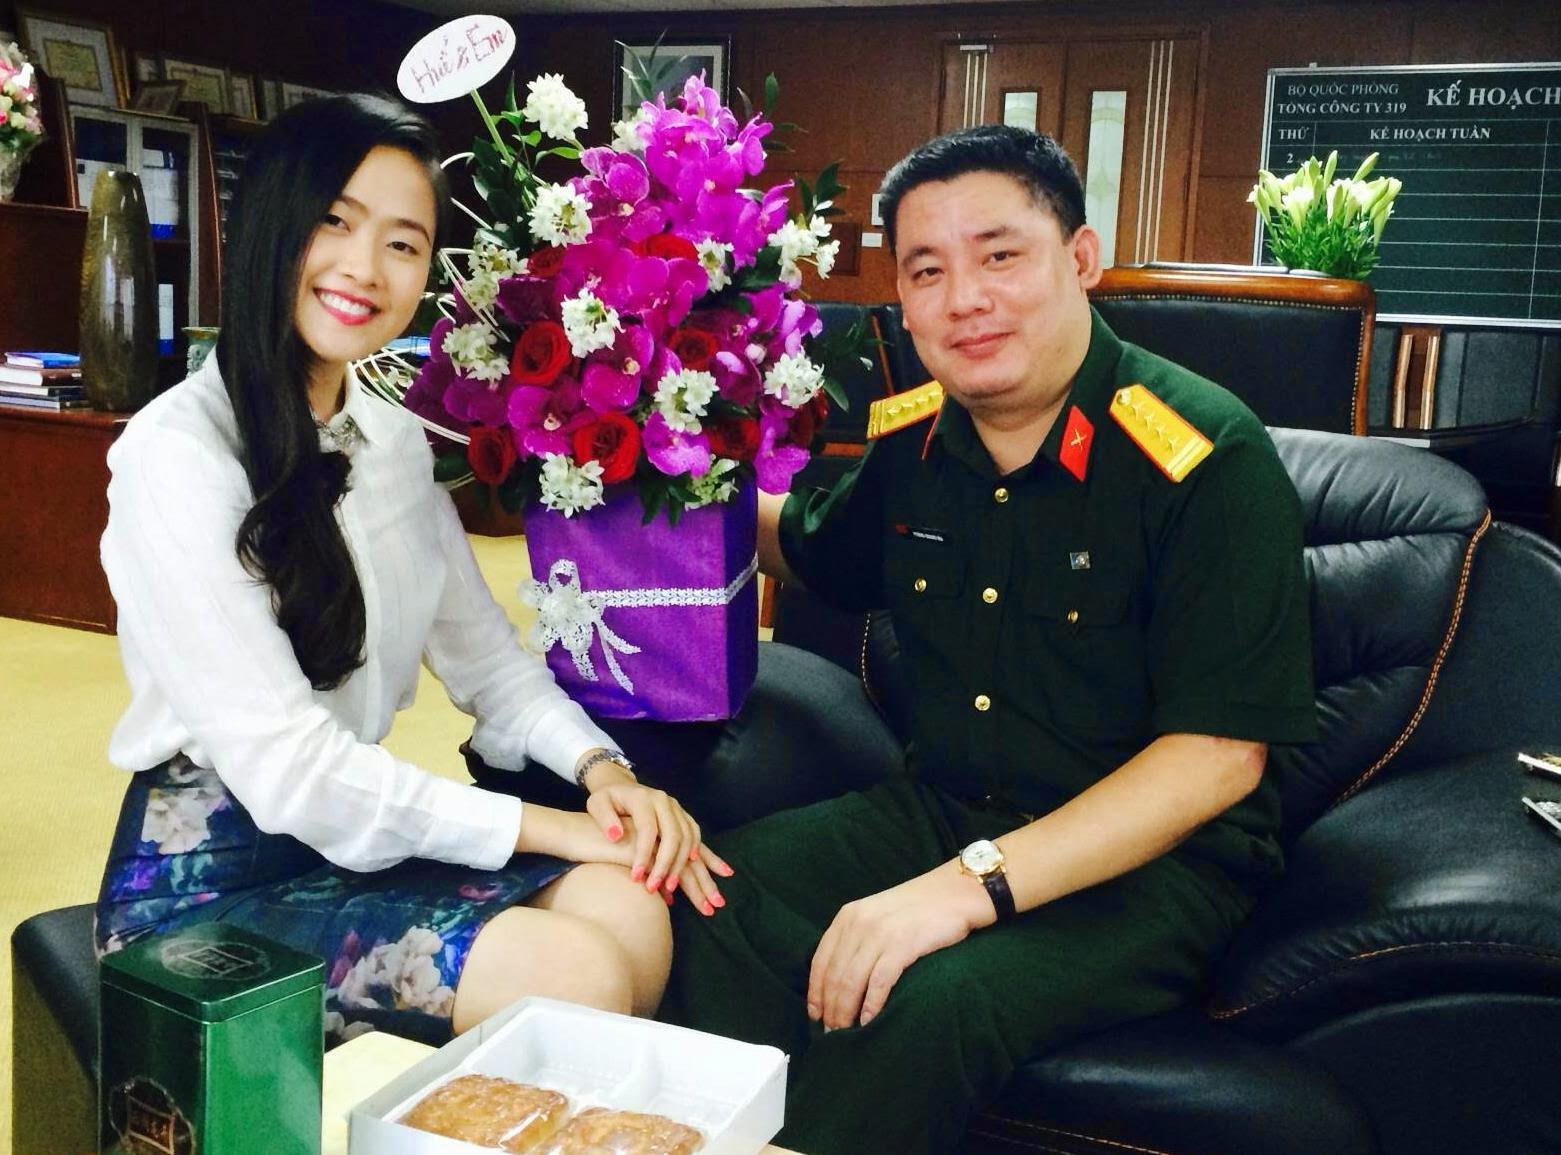 Đại tướng Phùng Quang Thanh, Đại tá Phùng Quang Hải đã dùng Tổng công ty 319 để lũng đoạn kinh tế quân đội, vơ vét tài sản Nhân dân như thế nào?